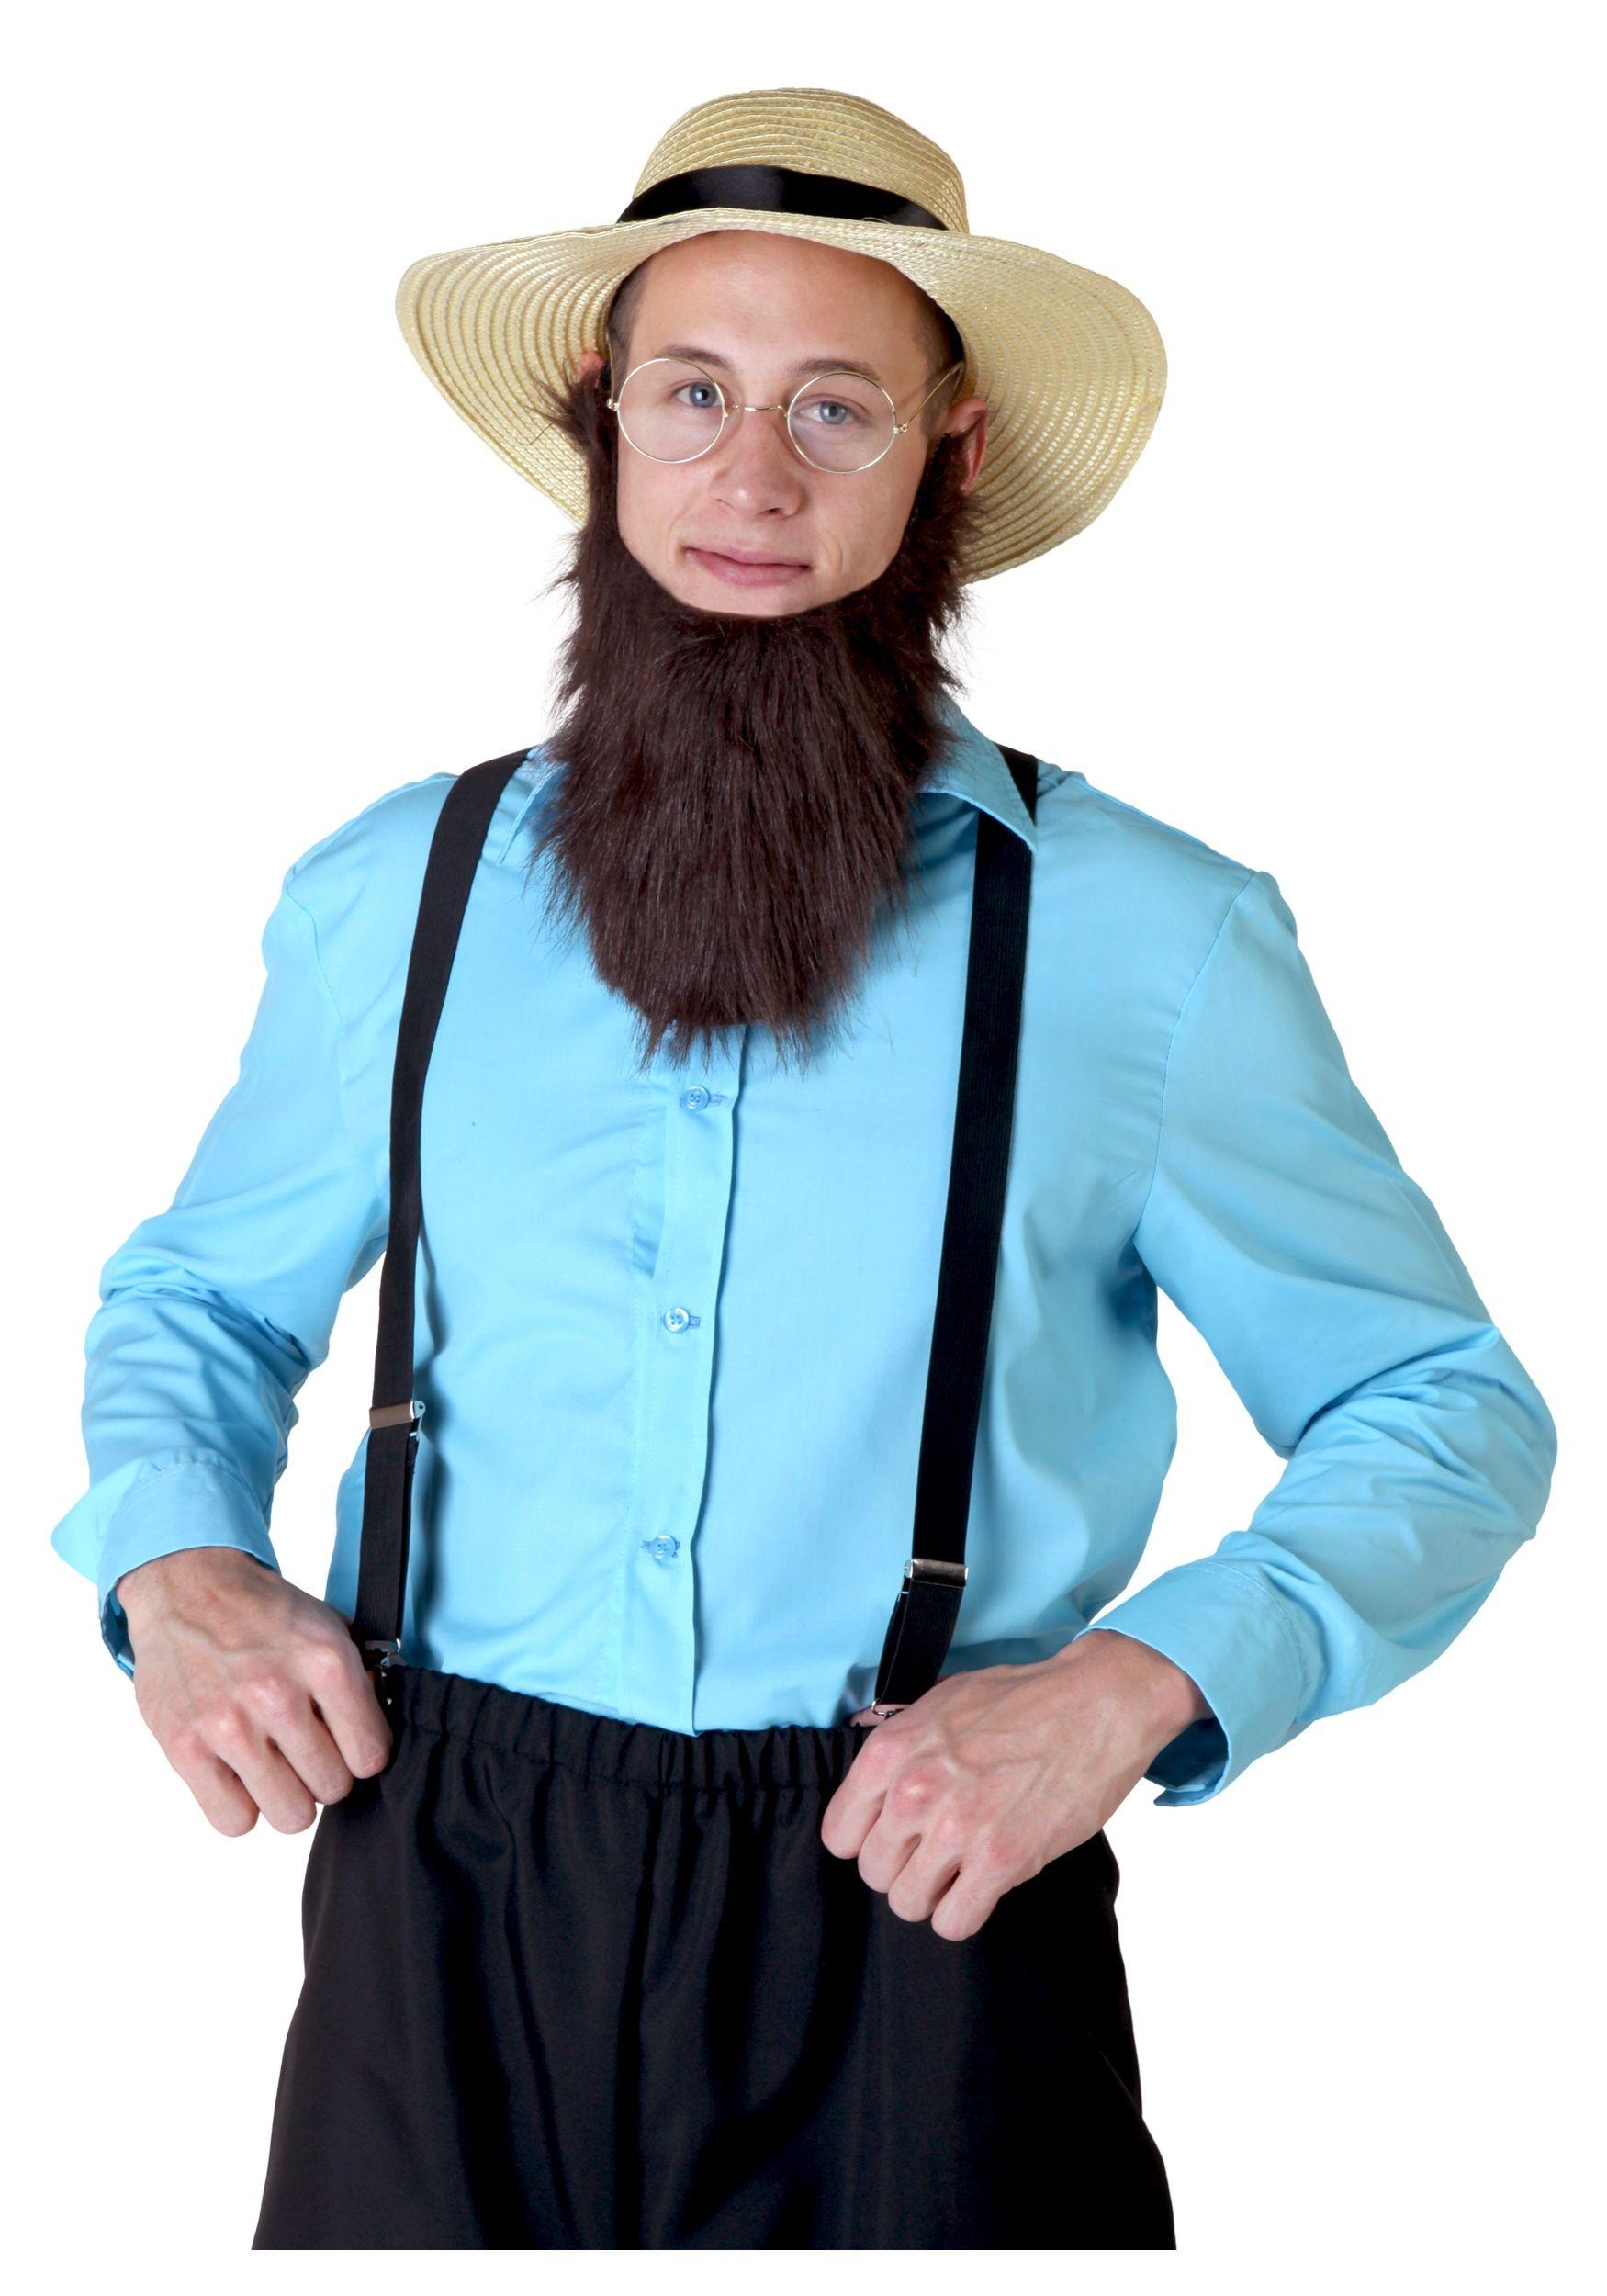 amish man costume best mens costumes diy couples costumes costume ideas amish men